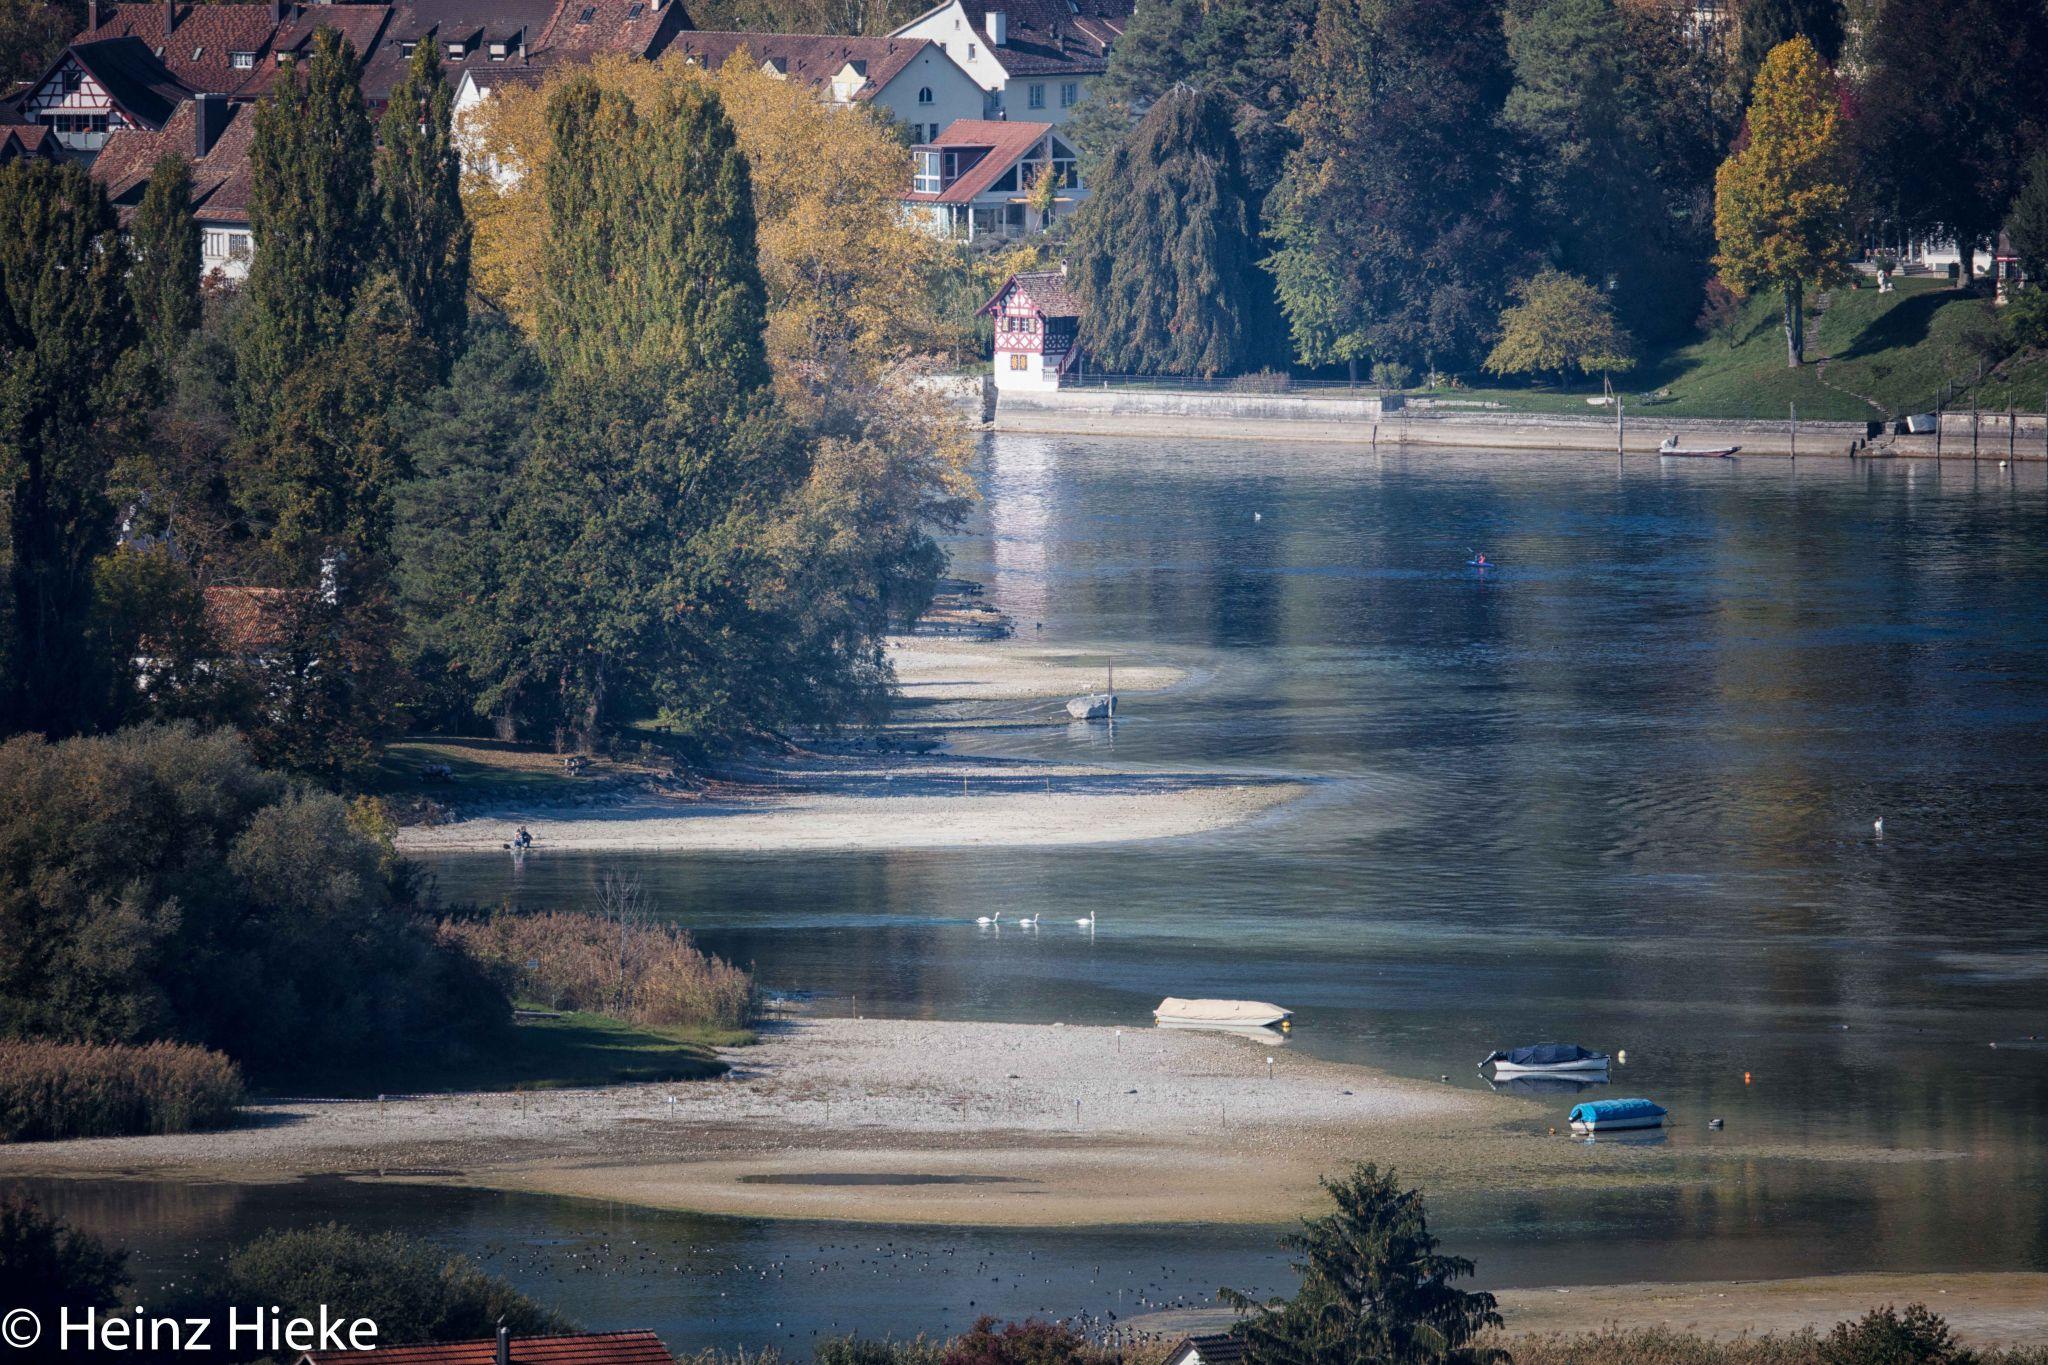 Rhein, Switzerland